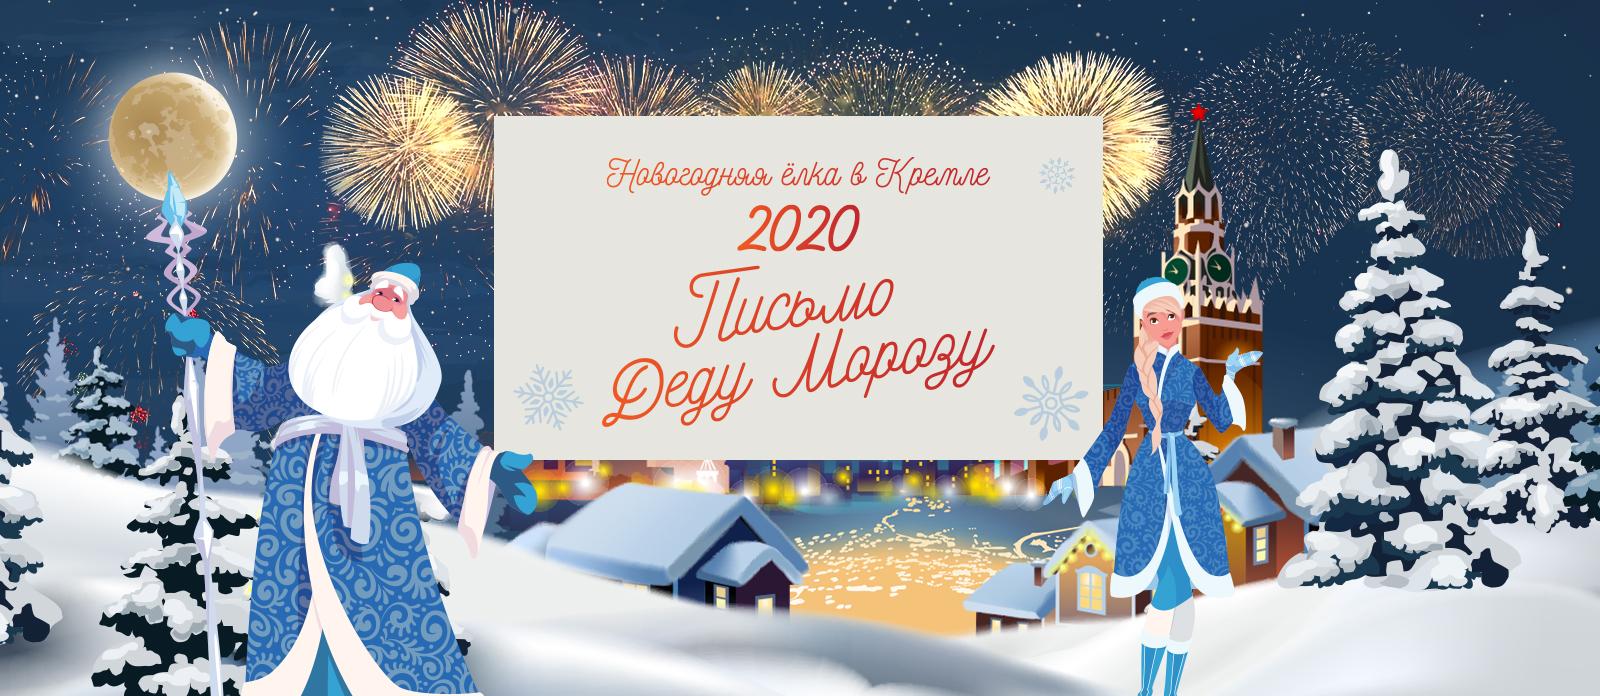 Новогодняя ёлка в Кремле-2020 «Письмо Деду Морозу»